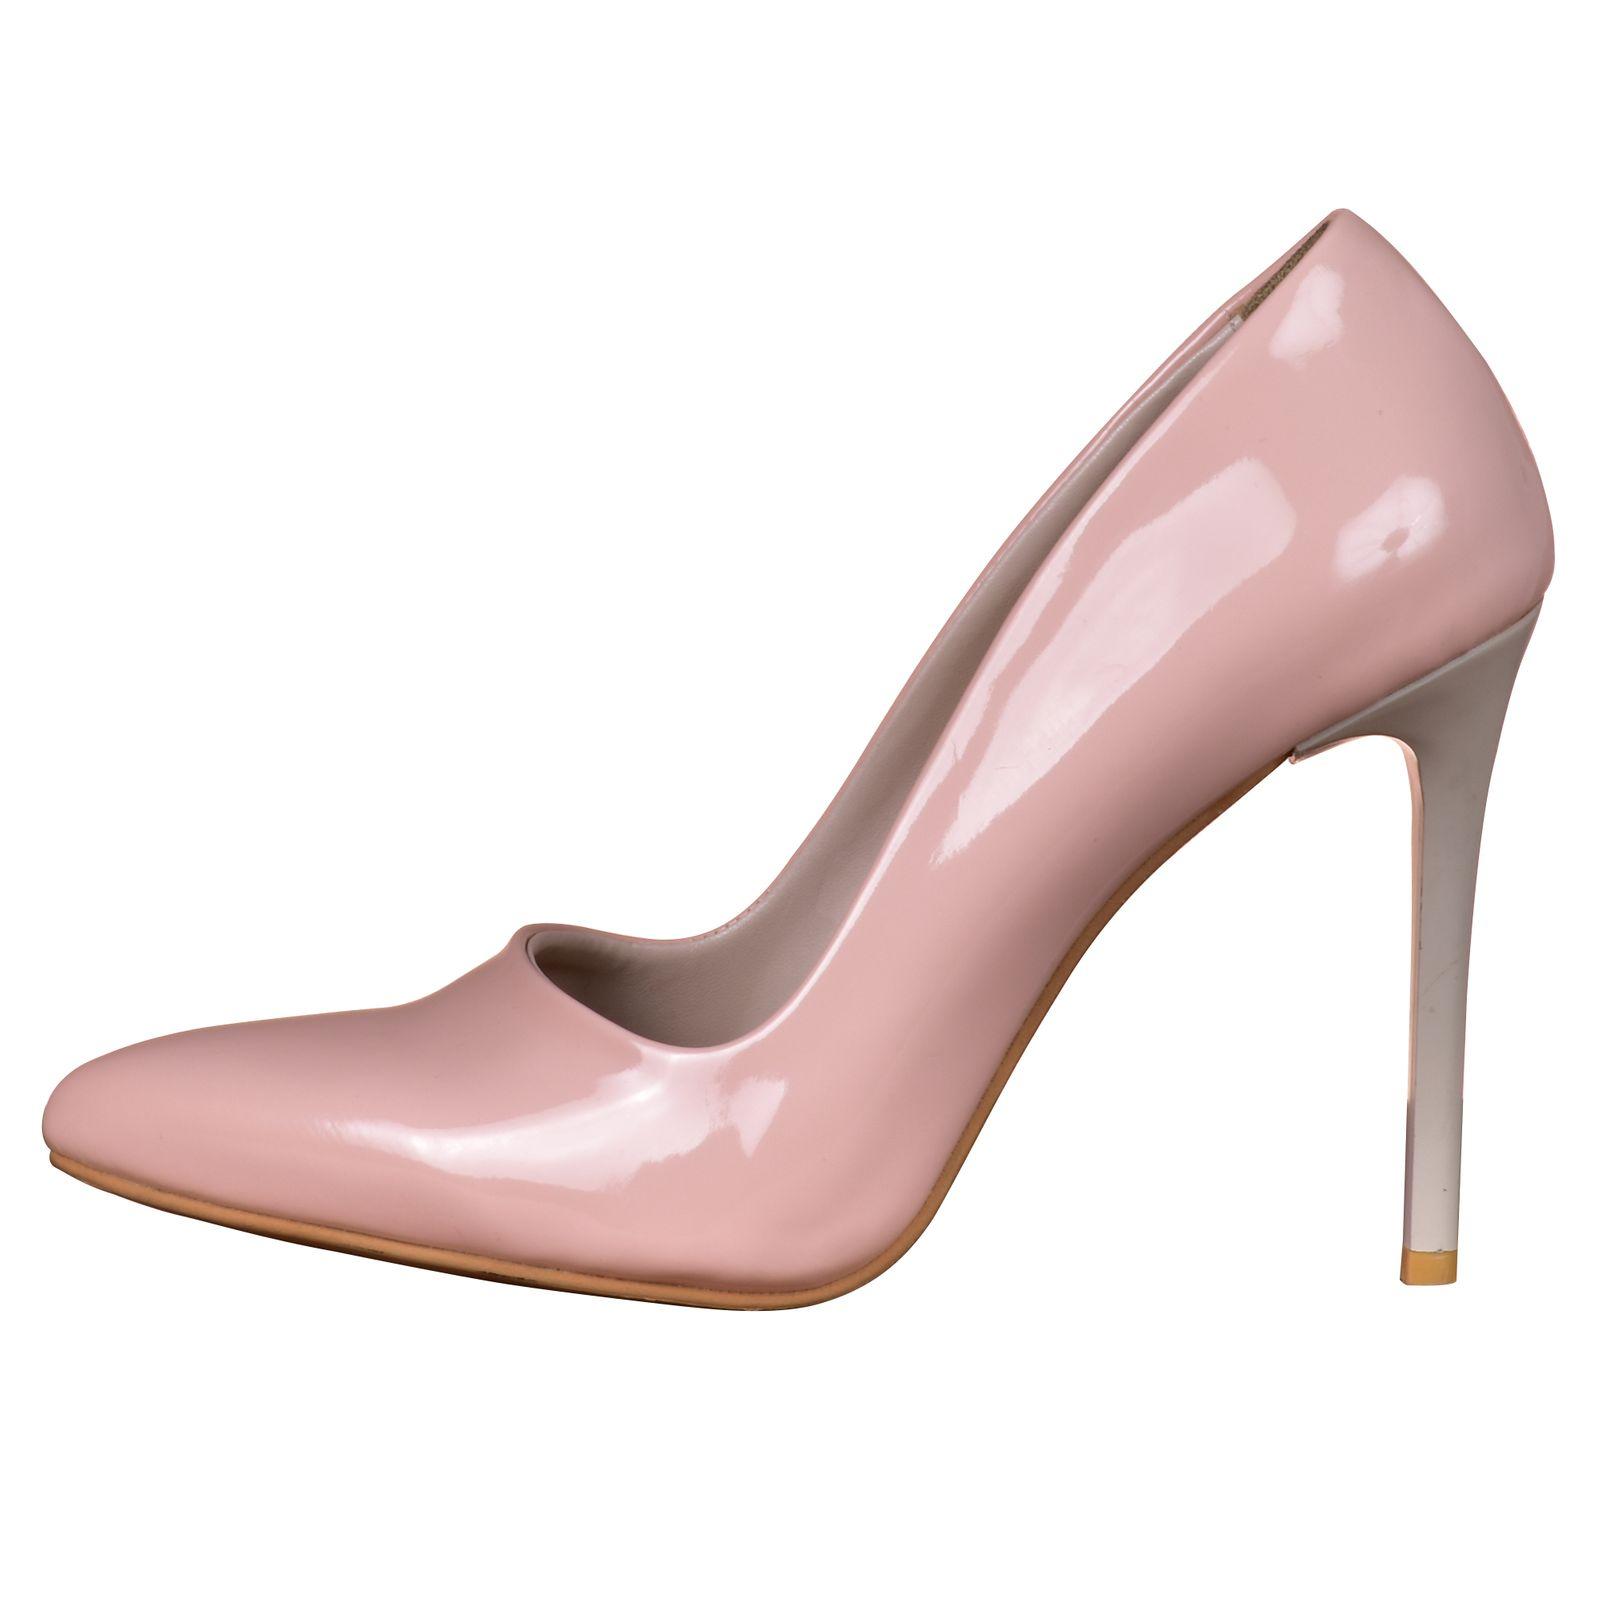 کفش زنانه تین بانی مدل ویکتوریا کد 31 -  - 2